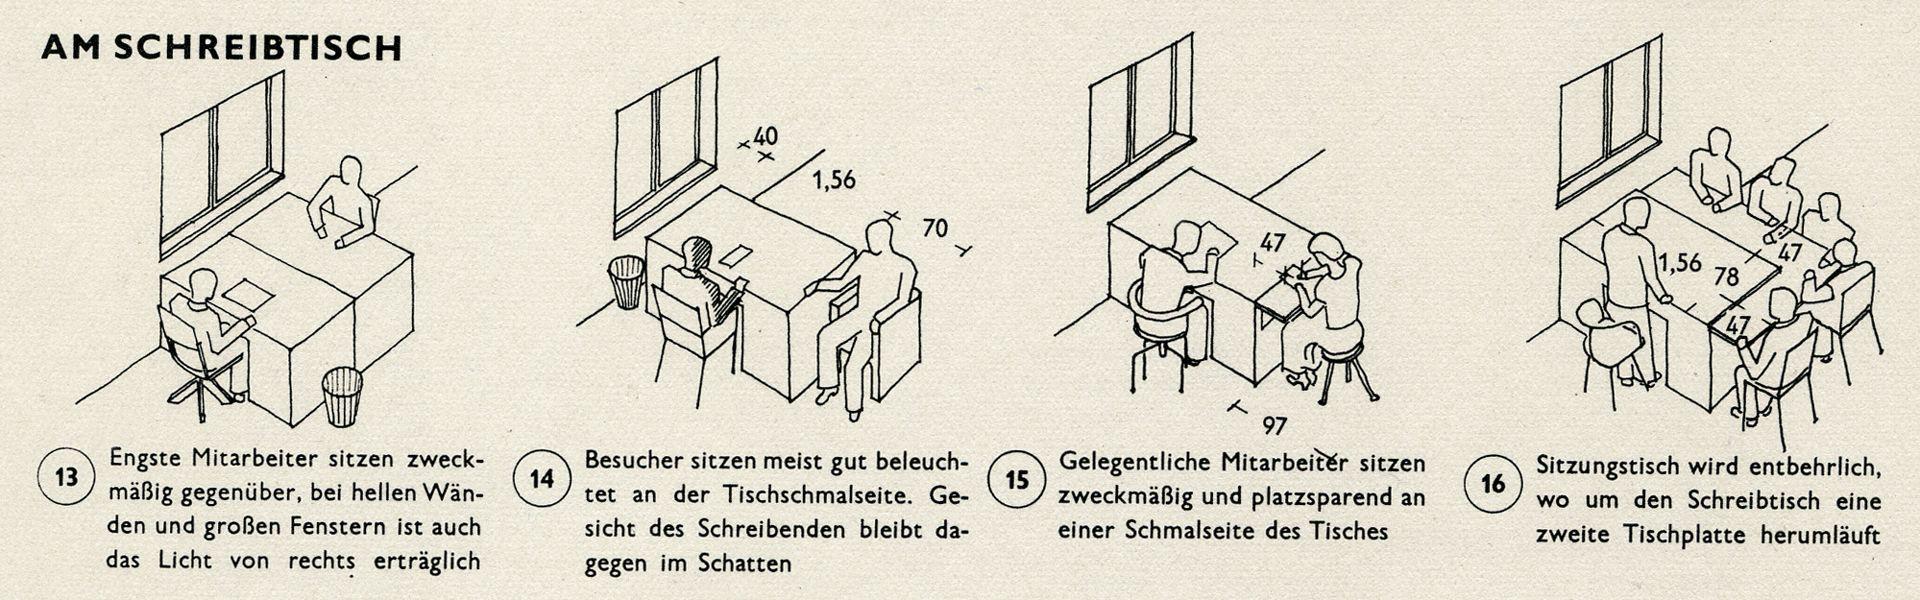 WOHNRÄUME / SITZORDNUNG Am Schreibtisch